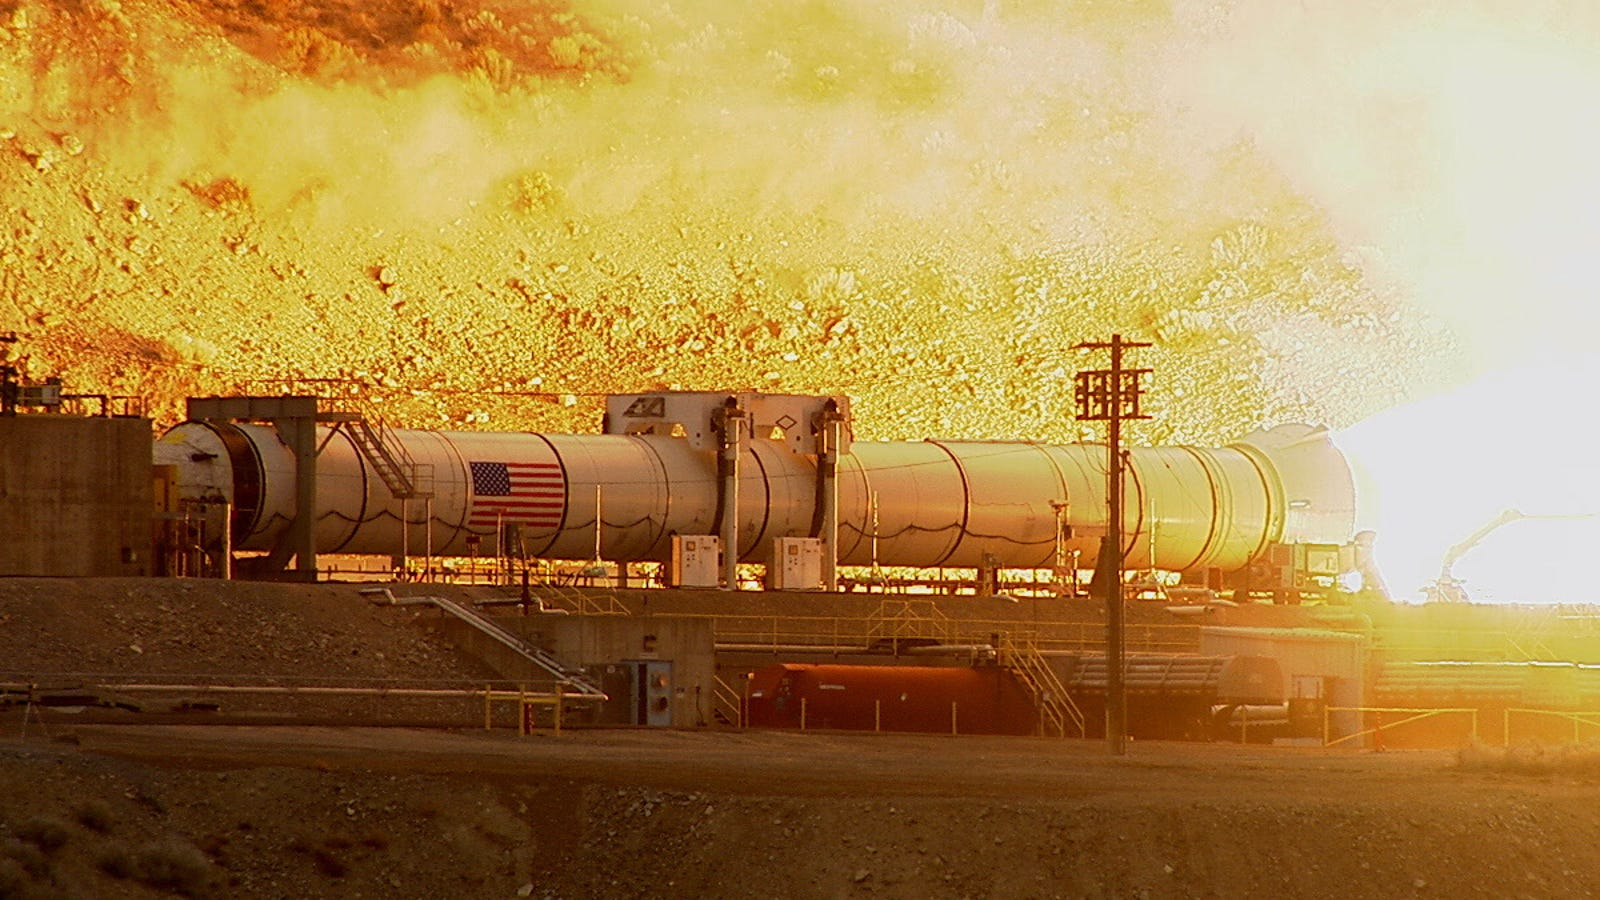 La NASA prueba con éxito el cohete más potente jamás construido